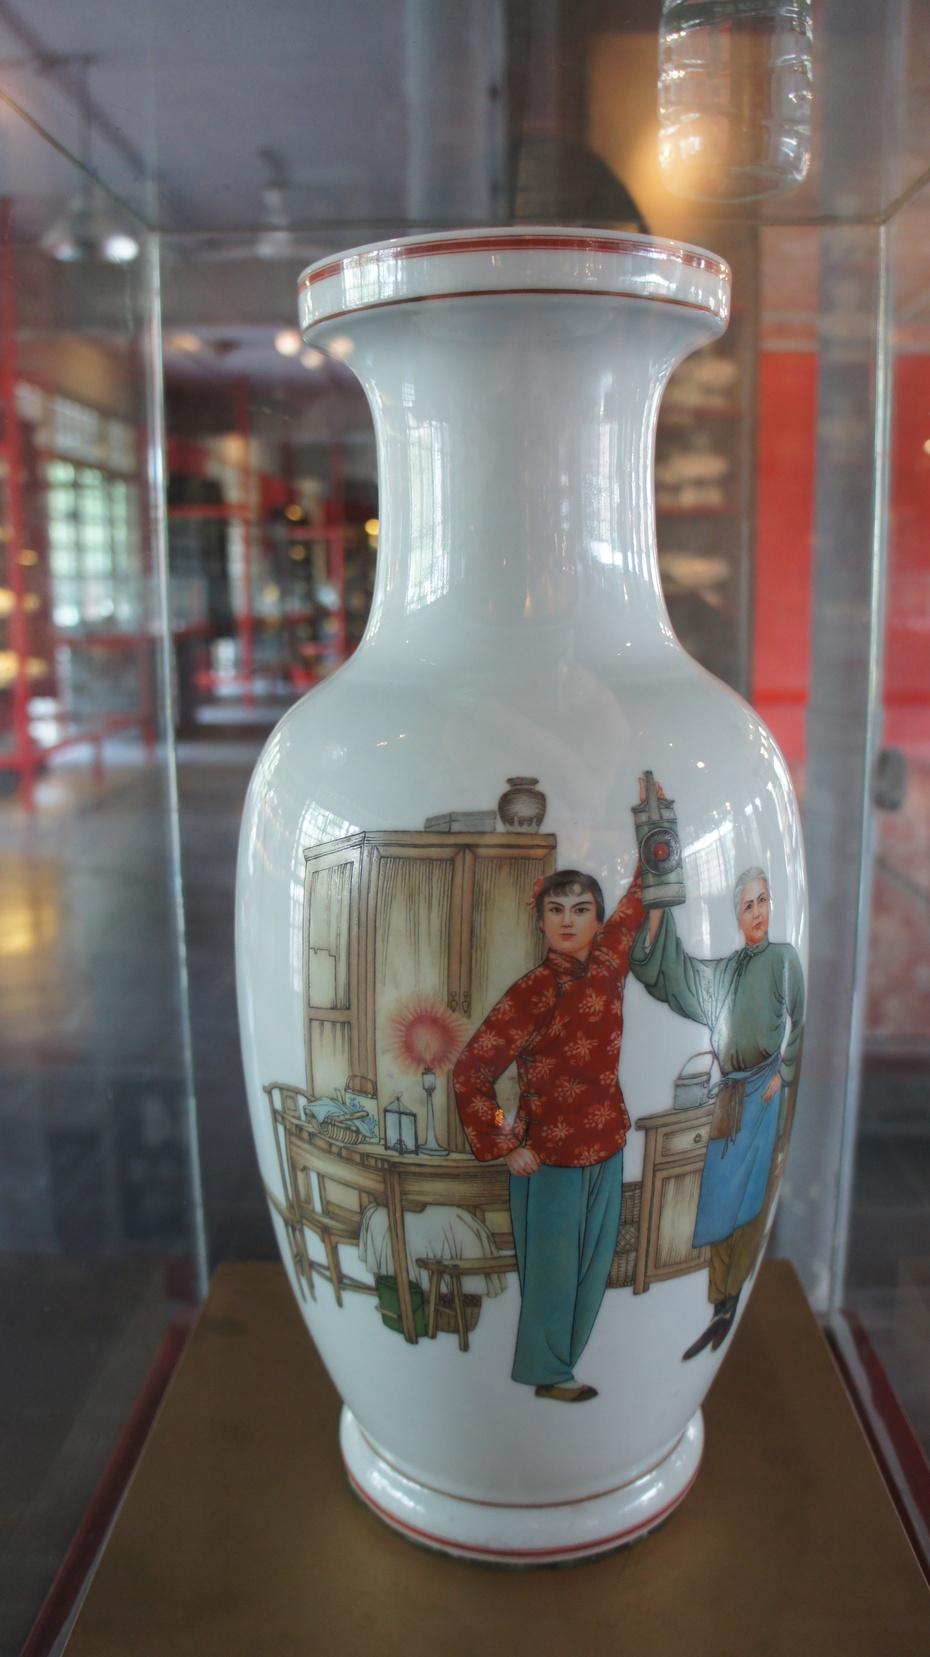 建川博物馆:红色年代瓷器馆 - 余昌国 - 我的博客